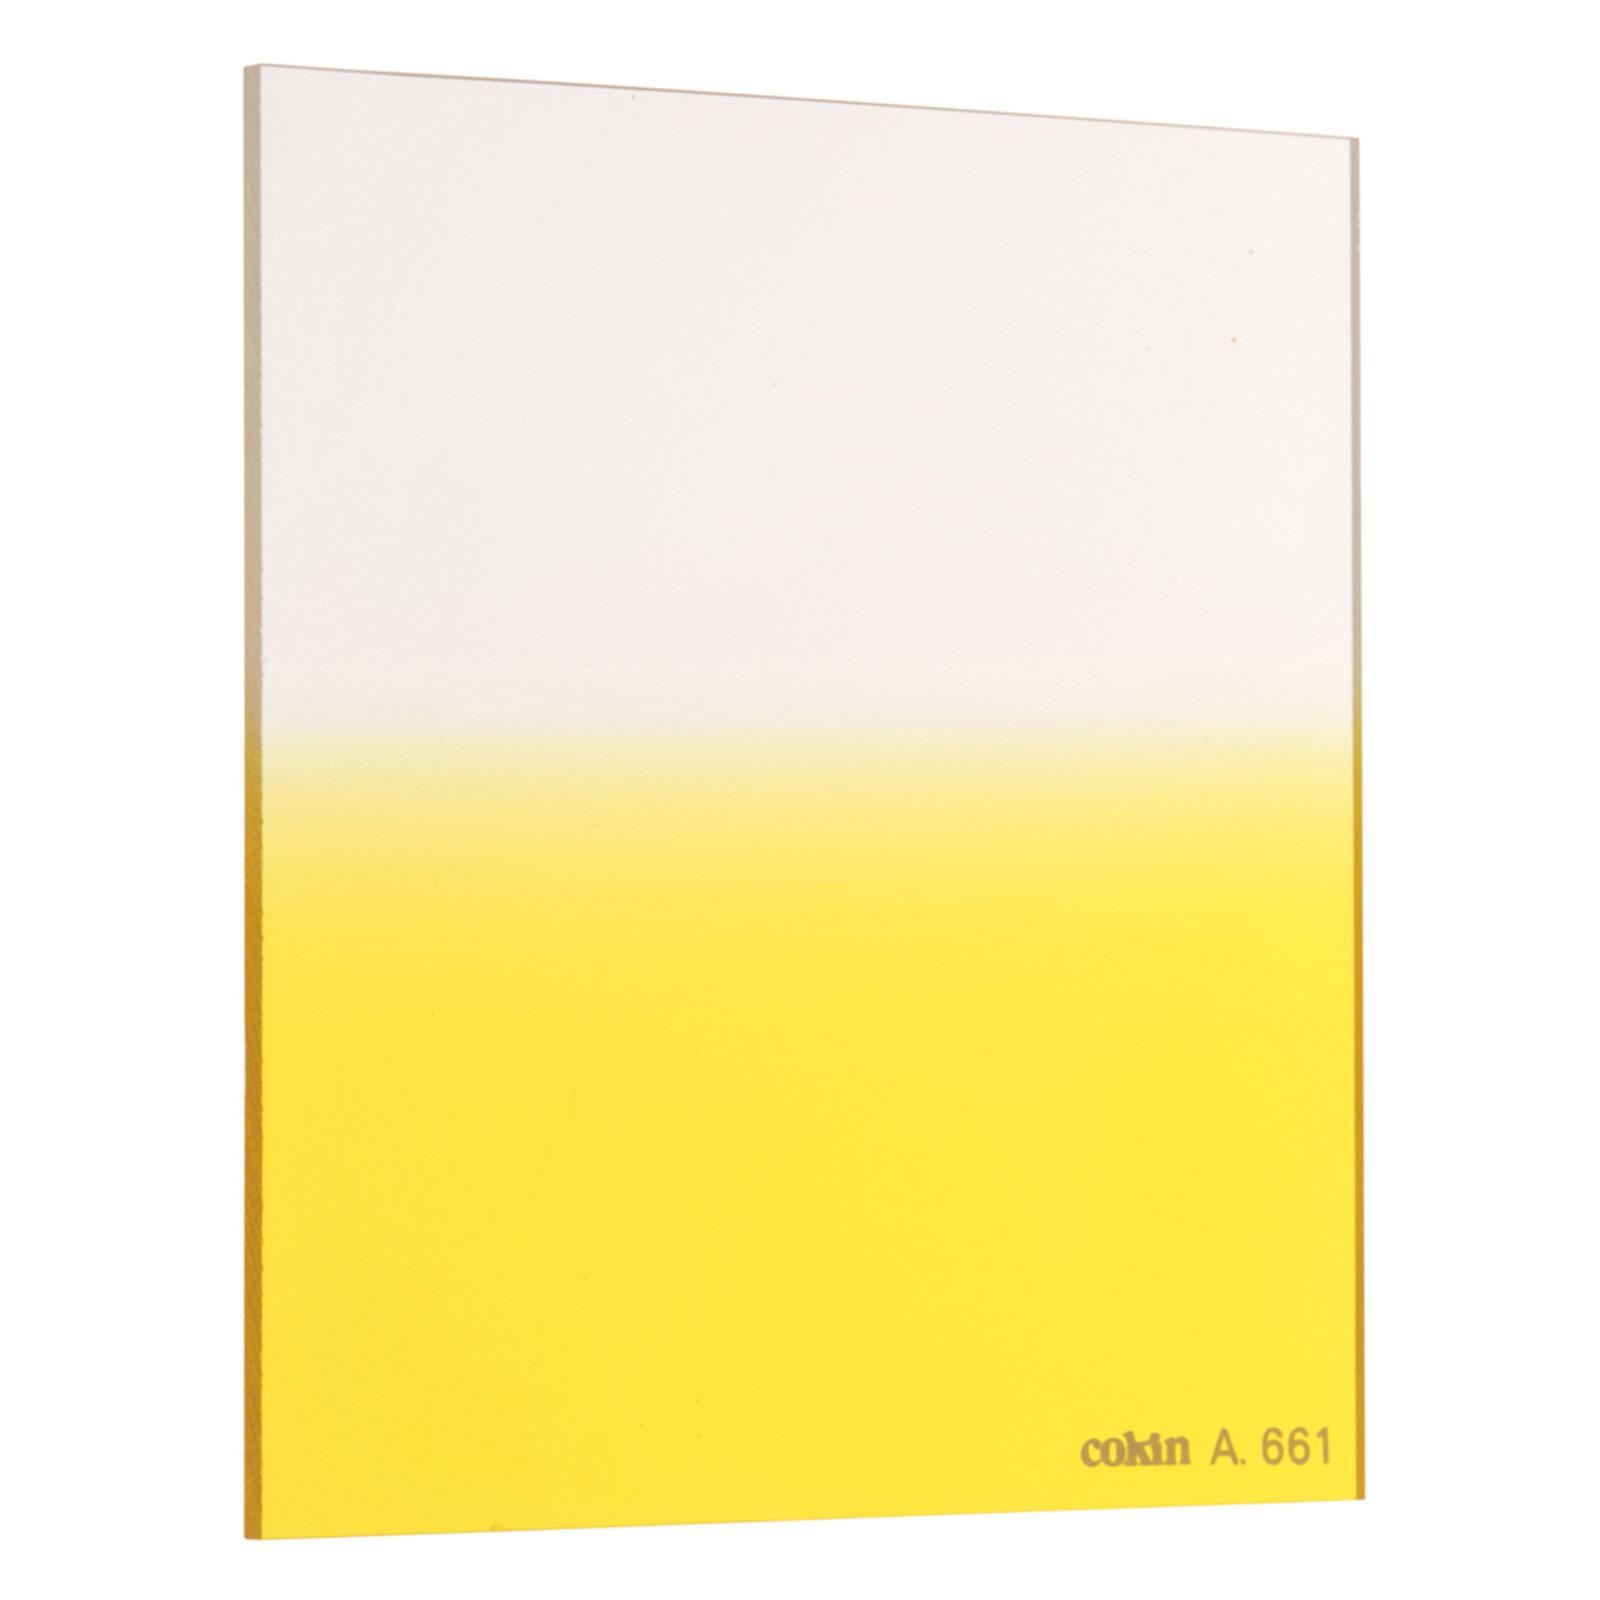 Cokin A661 Verlauf leuchtend Gelb 2